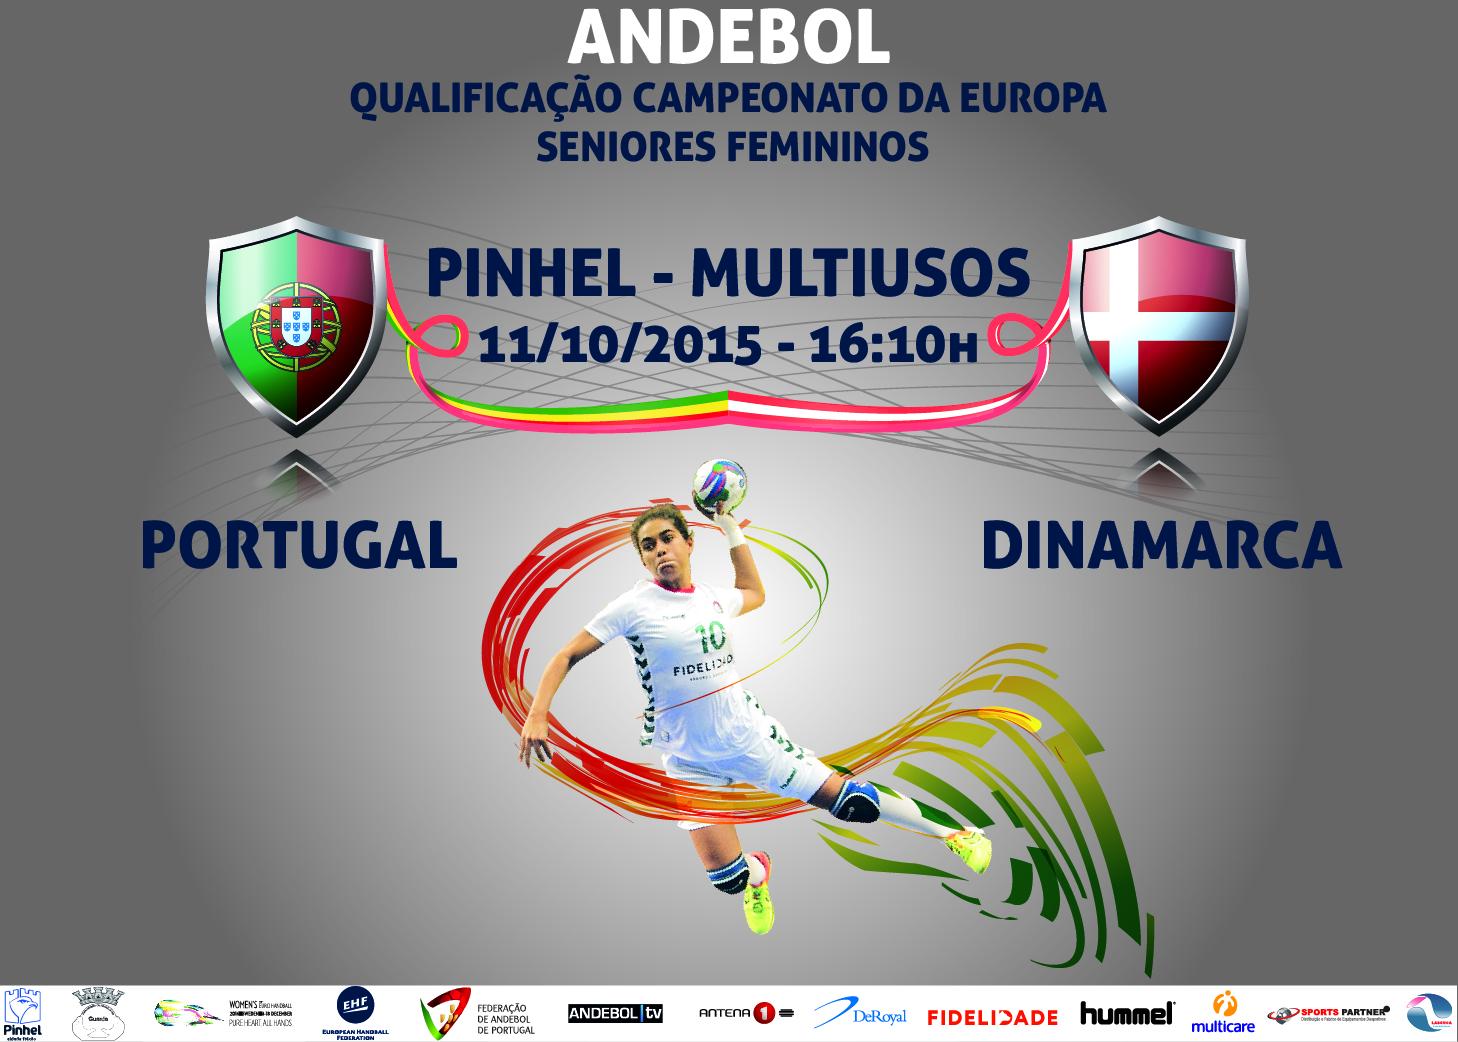 Cartaz Portugal : Dinamarca - qualificação Campeonato da Europa Seniores Femininos